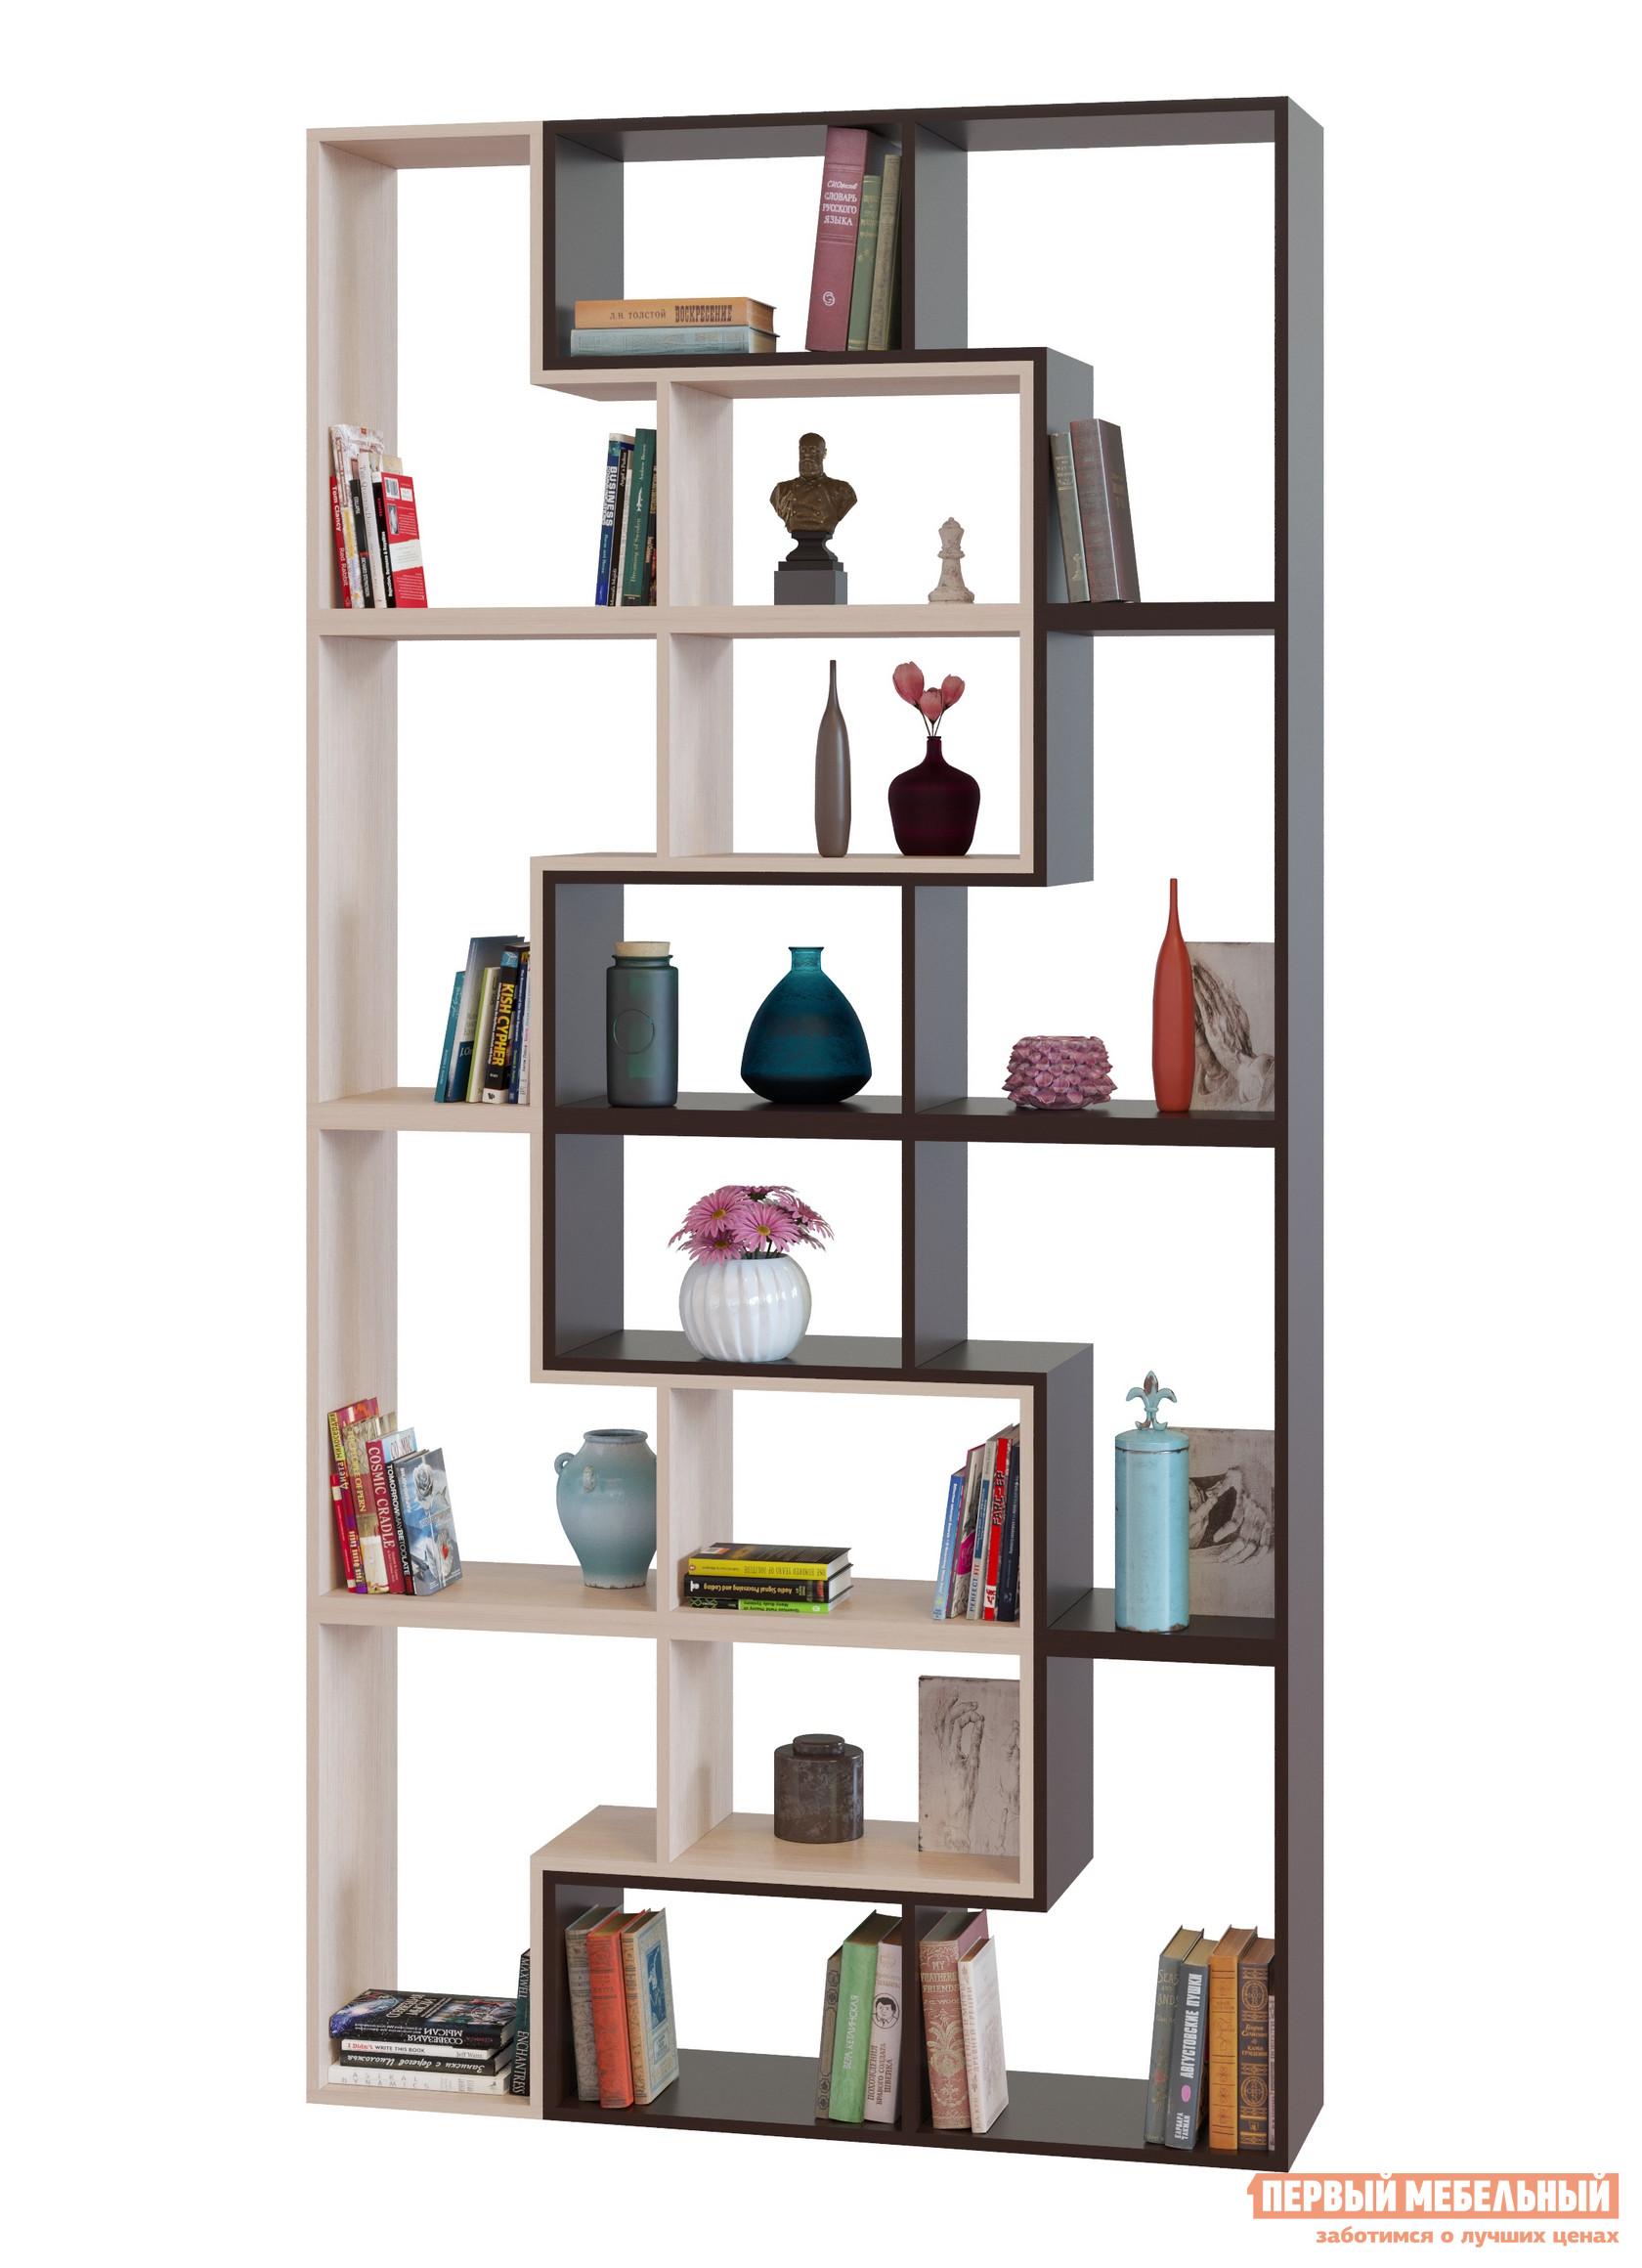 Стеллаж Сокол ПК-9, 8 шт. вариант 3 Венге / Беленый дубСтеллажи<br>Габаритные размеры ВхШхГ 2400x1200x296 мм. Высокий открытый стеллаж ПК-9, 8 шт.  вариант 3 идеален для создания библиотеки в гостиной, в молодежной комнате или в домашнем кабинете.  Большое количество полок разных размеров позволяют расставить разнокалиберные книги с удобным к ним доступом.  Все корешки будут видны и вы сразу сможете найти нужное издание. Этот стеллаж можно собрать из модульных элементов четырех цветовых решений: Венге, Белый, Беленый дуб и Дуб сонома: в однотонном варианте или комбинируя цвета.  При оформлении заказа просто укажите сколько модульных деталей и в каком цвете вам потребуется, чтобы собрать уникальный стеллаж для вашего дома. Изделие выполняется из ЛДСП толщиной 16 мм, края обработаны кромкой ПВХ 0,4 мм.  Стеллаж устанавливается на пластиковые опоры. Обратите внимание! Модули стеллажа соединяются между собой с помощью межсекционных стяжек, которые входят в комплект фурнитуры.  Для соединения модулей между собой необходимо просверлить отверстия диаметром 5 мм в тех деталях, которые будут соприкасаться плоскостями.  Для сверления точных отверстий рекомендуется использовать струбцину. Стеллаж не предусмотрен для зонирования пространства.  Для устойчивости стеллаж необходимо крепить к стене при помощи монтажных уголков, которые входят в комплект фурнитуры.  При заказе услуги сборки нашими специалистами крепление к стене включено в общую стоимость сборки.   Рекомендуем сохранить инструкцию по сборке (паспорт изделия) до истечения гарантийного срока.<br><br>Цвет: Темное-cветлое дерево<br>Высота мм: 2400<br>Ширина мм: 1200<br>Глубина мм: 296<br>Кол-во упаковок: 8<br>Форма поставки: В разобранном виде<br>Срок гарантии: 2 года<br>Тип: Открытые<br>Тип: Книжные<br>Тип: Напольные<br>Тип: Модульные<br>Тип: Пристенные<br>Тип: Без задней стенки<br>Назначение: Для дома<br>Назначение: Для офиса<br>Материал: ЛДСП<br>Размер: Высокие<br>Модель: ПК-9